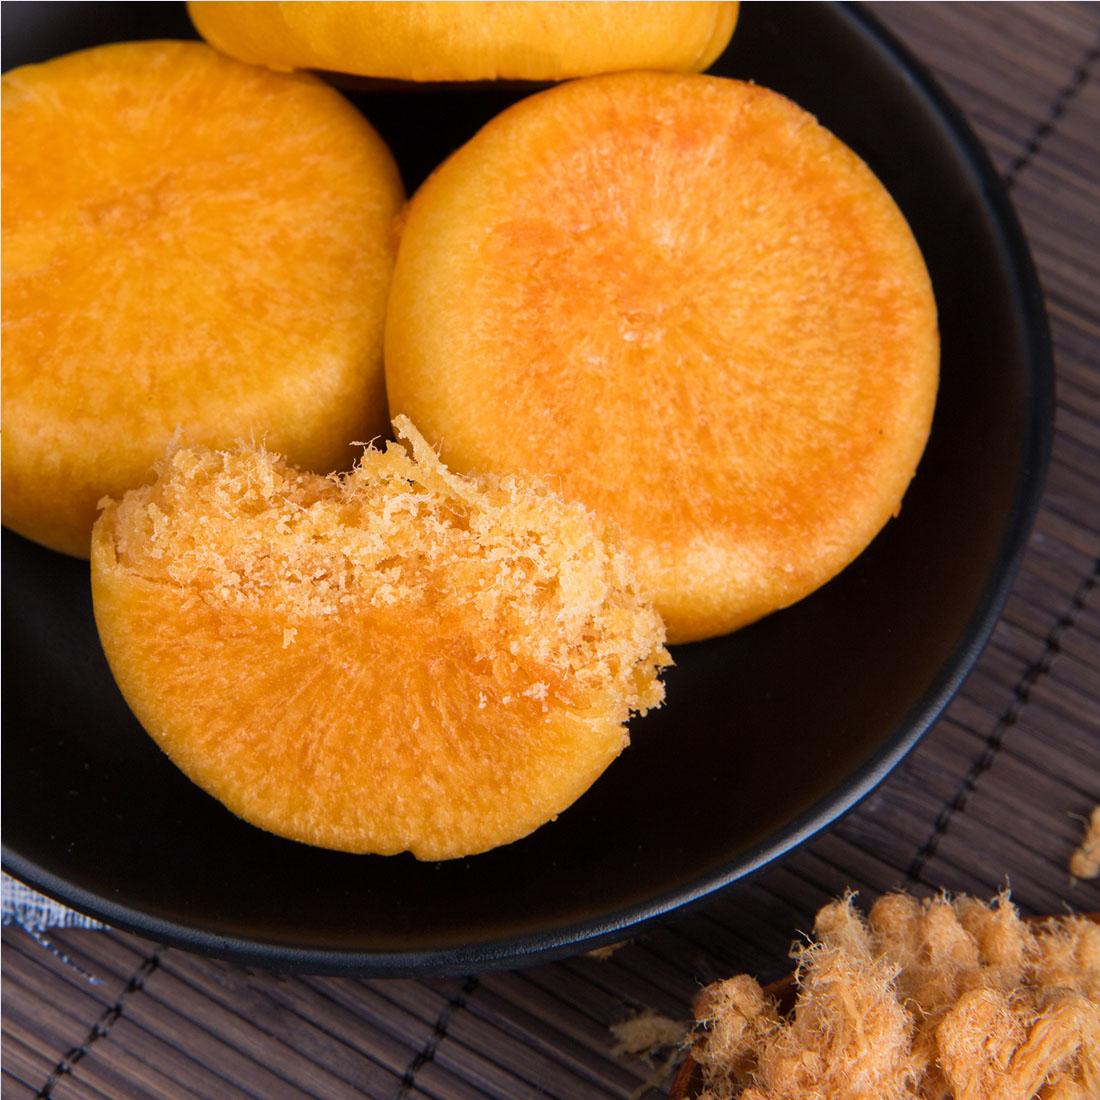 葛馅饼零食饼绿豆饼厦门板栗粗粮肉松红豆葛根老头饼网红特产抹茶